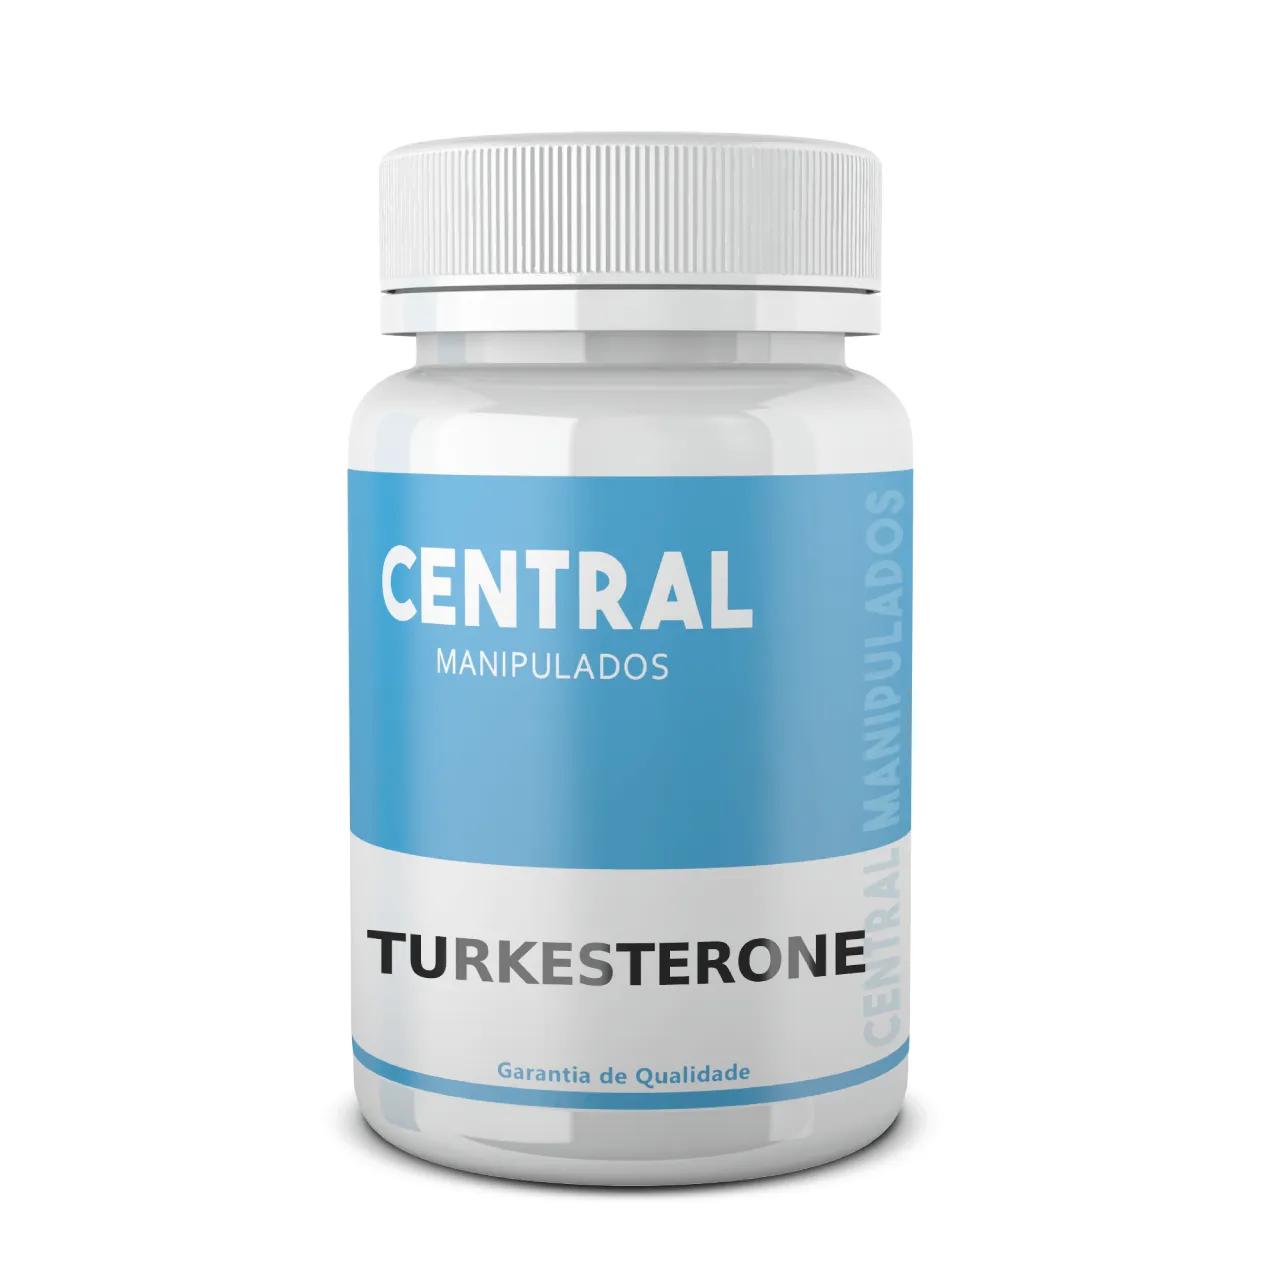 Turkesterone 500mg - 30 Cápsulas - Aumento da Testosterona, Hipertrofia Muscular, Queima de Gordura, Ganho de Massa Magra